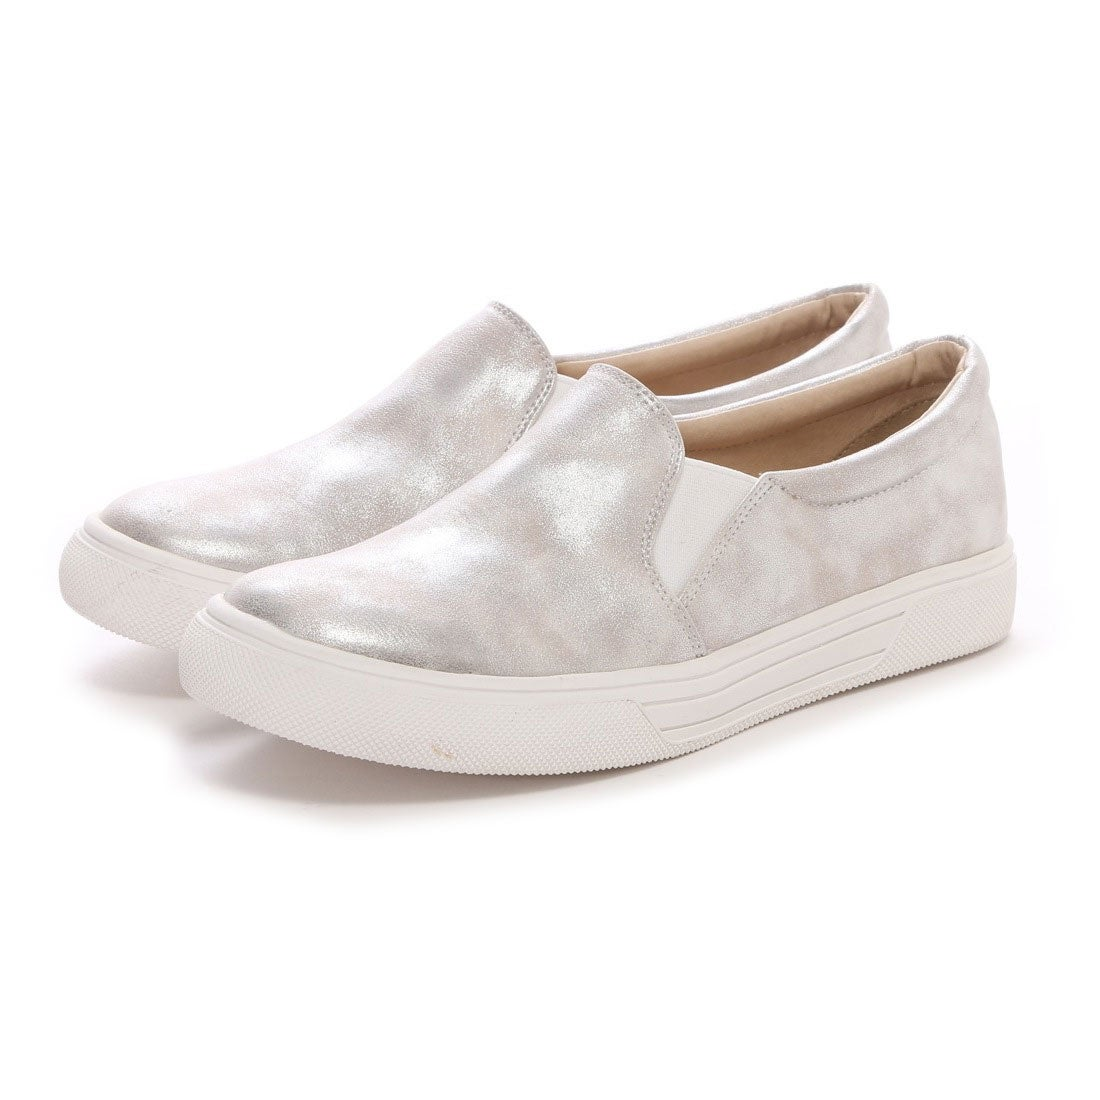 4a7ac28810efc7 オアシス the oasis 白底スリッポン(シルバー) -靴&ファッション通販 ロコンド〜自宅で試着、気軽に返品